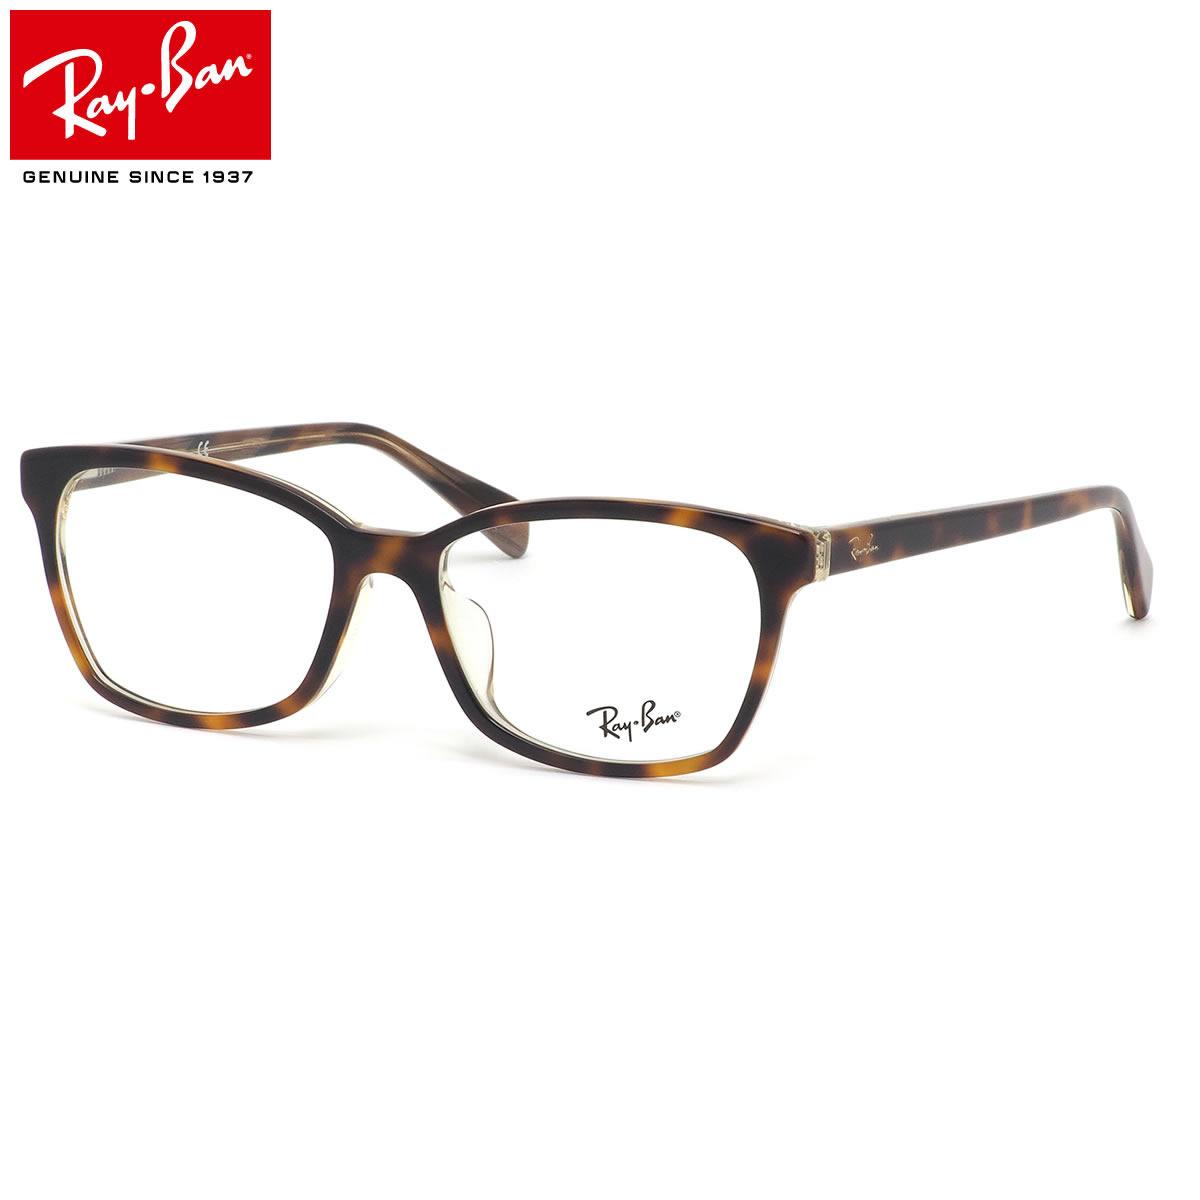 Ray-Ban レイバン メガネ RX5362F 5913 54サイズ フルフィット バネ蝶番 べっ甲 ブラウン メンズ レディース